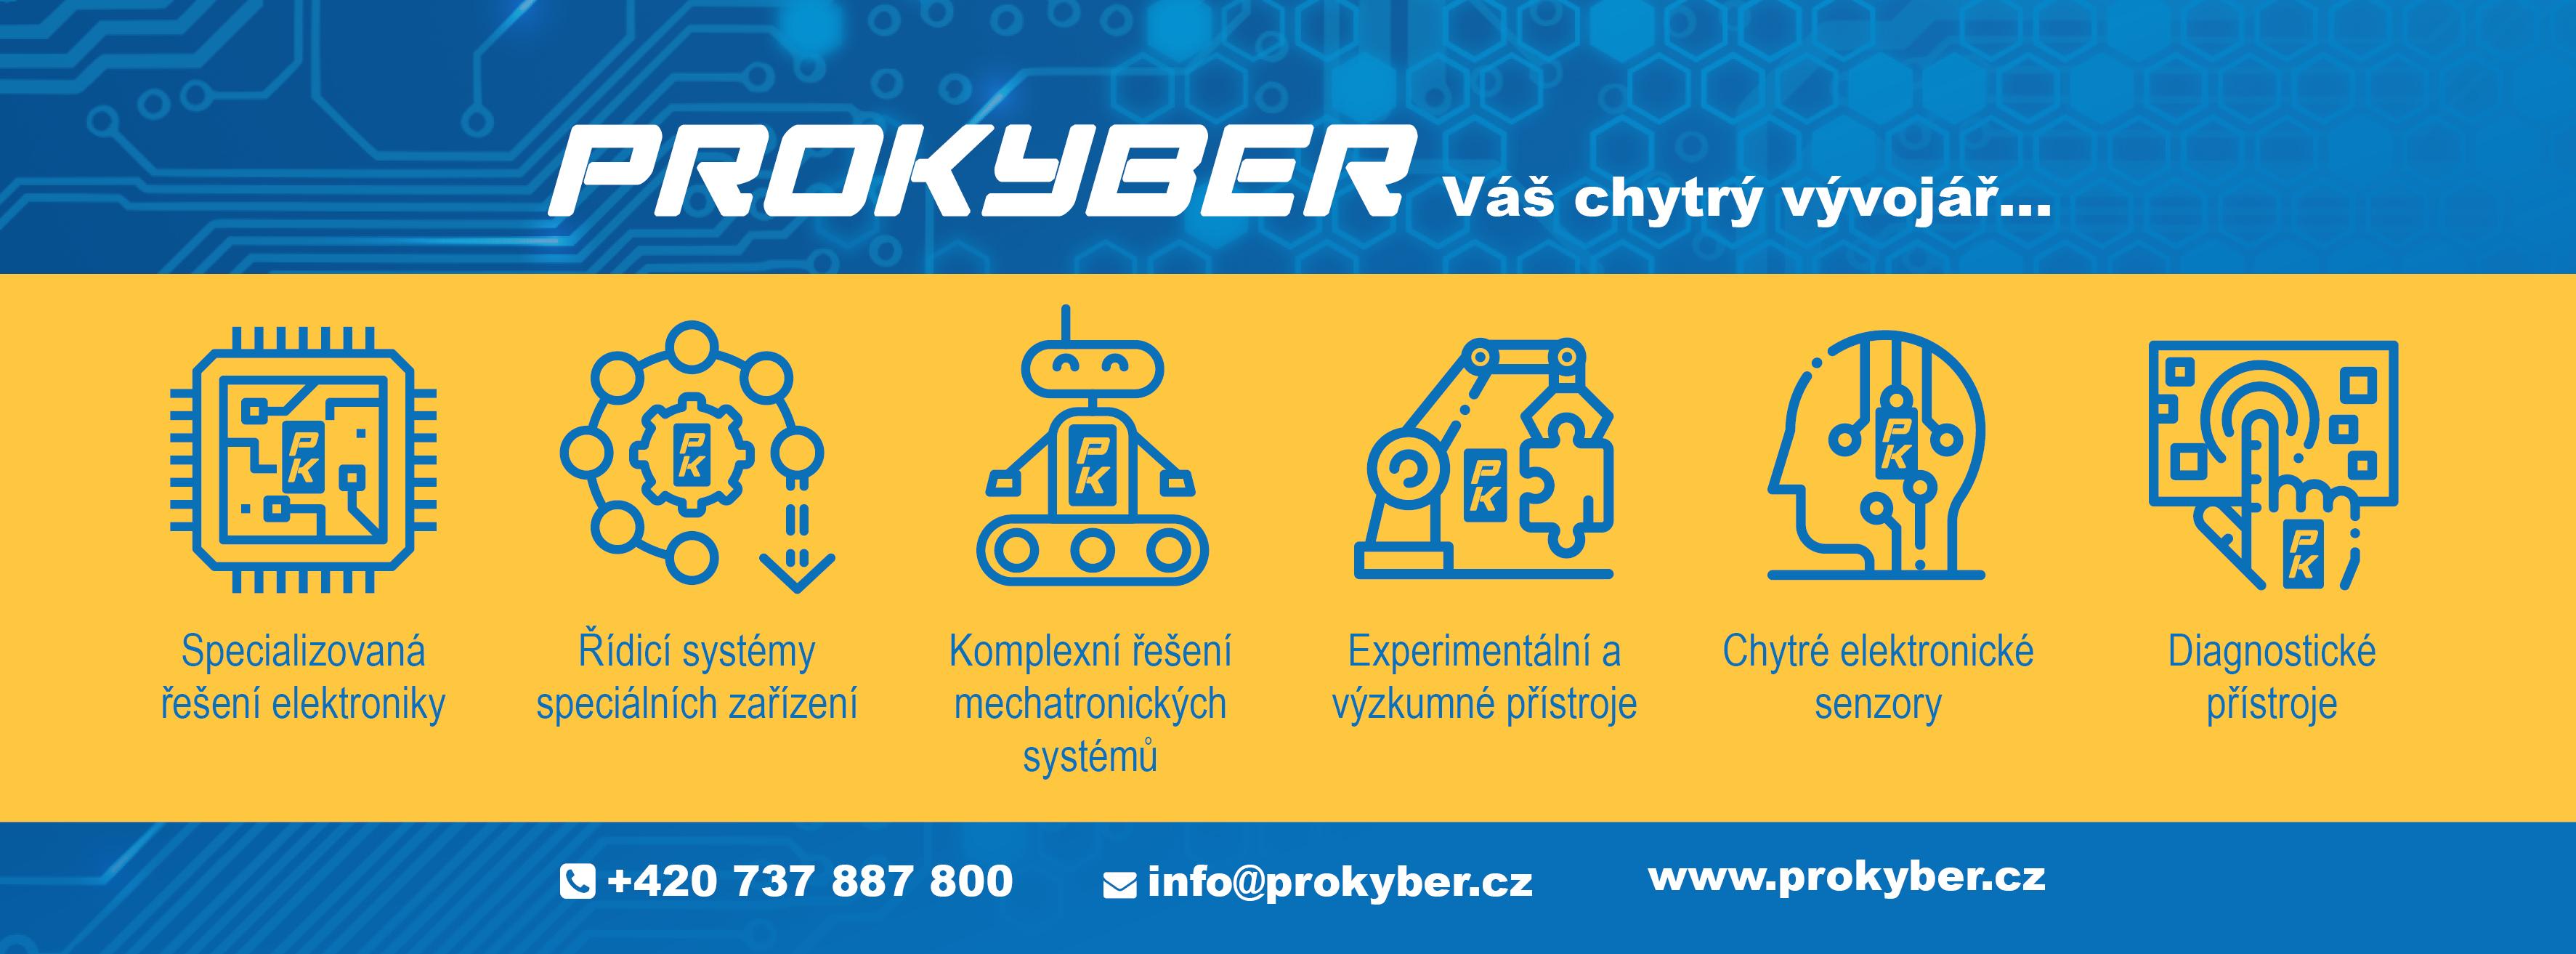 prokyber